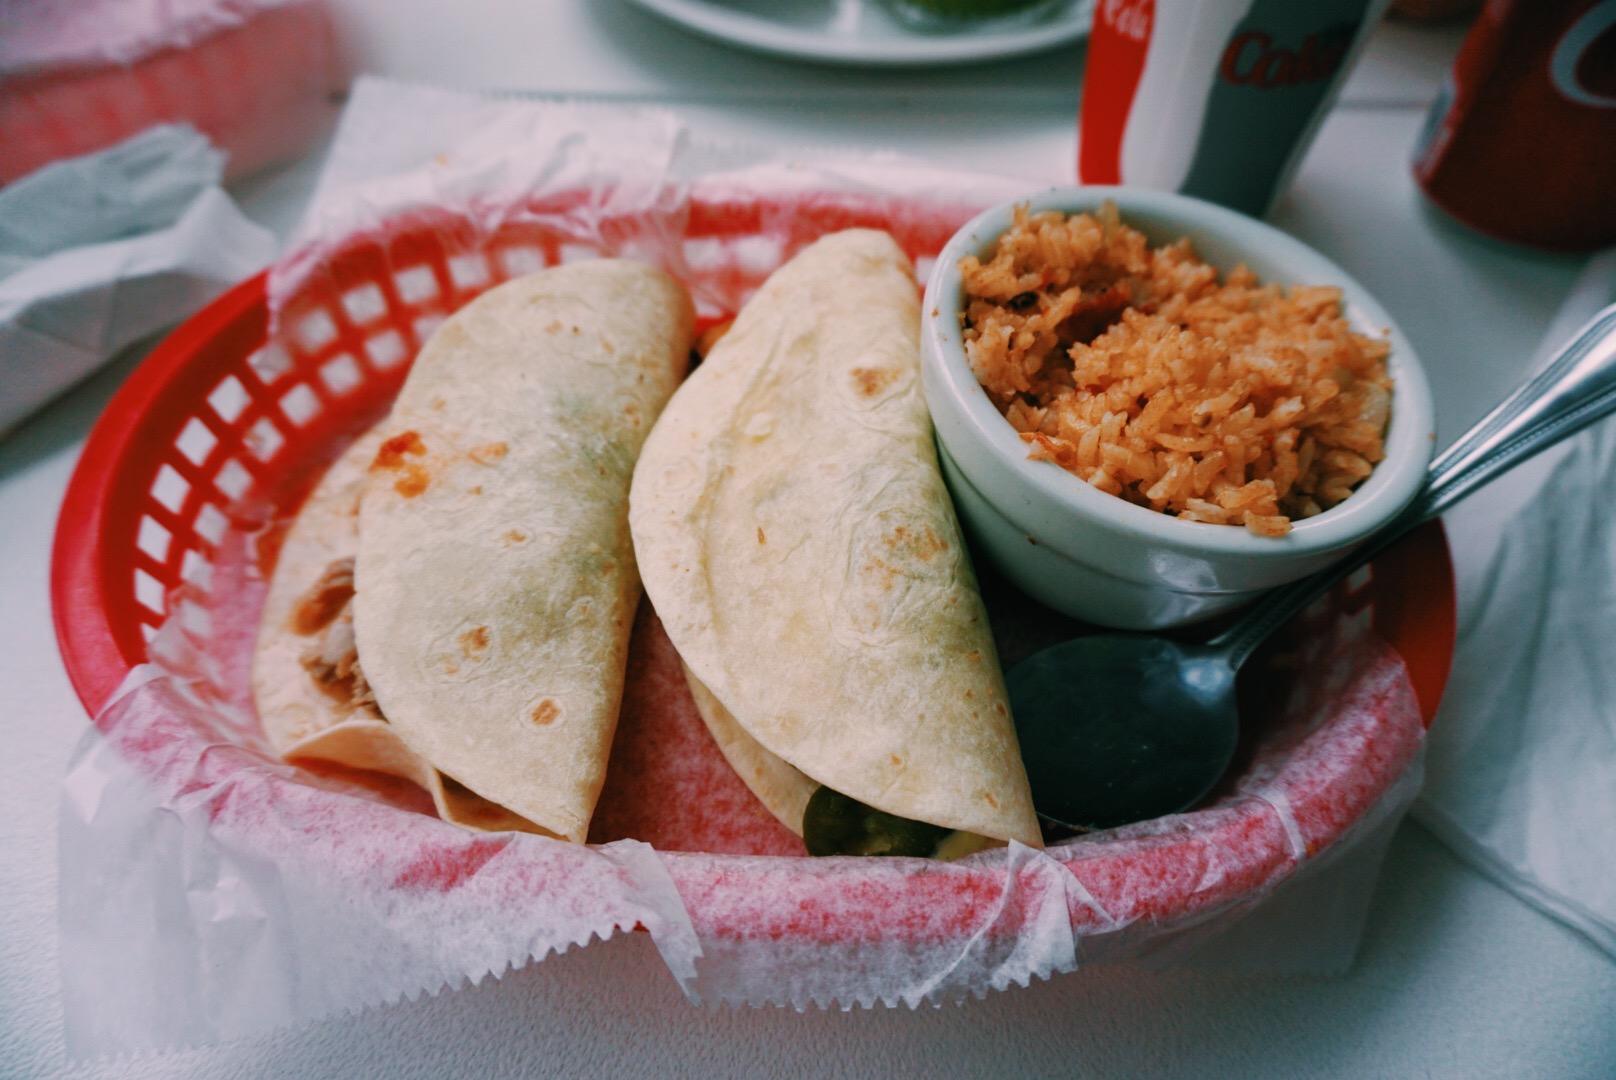 Tacos from Taquiera del Sol in Athens, GA